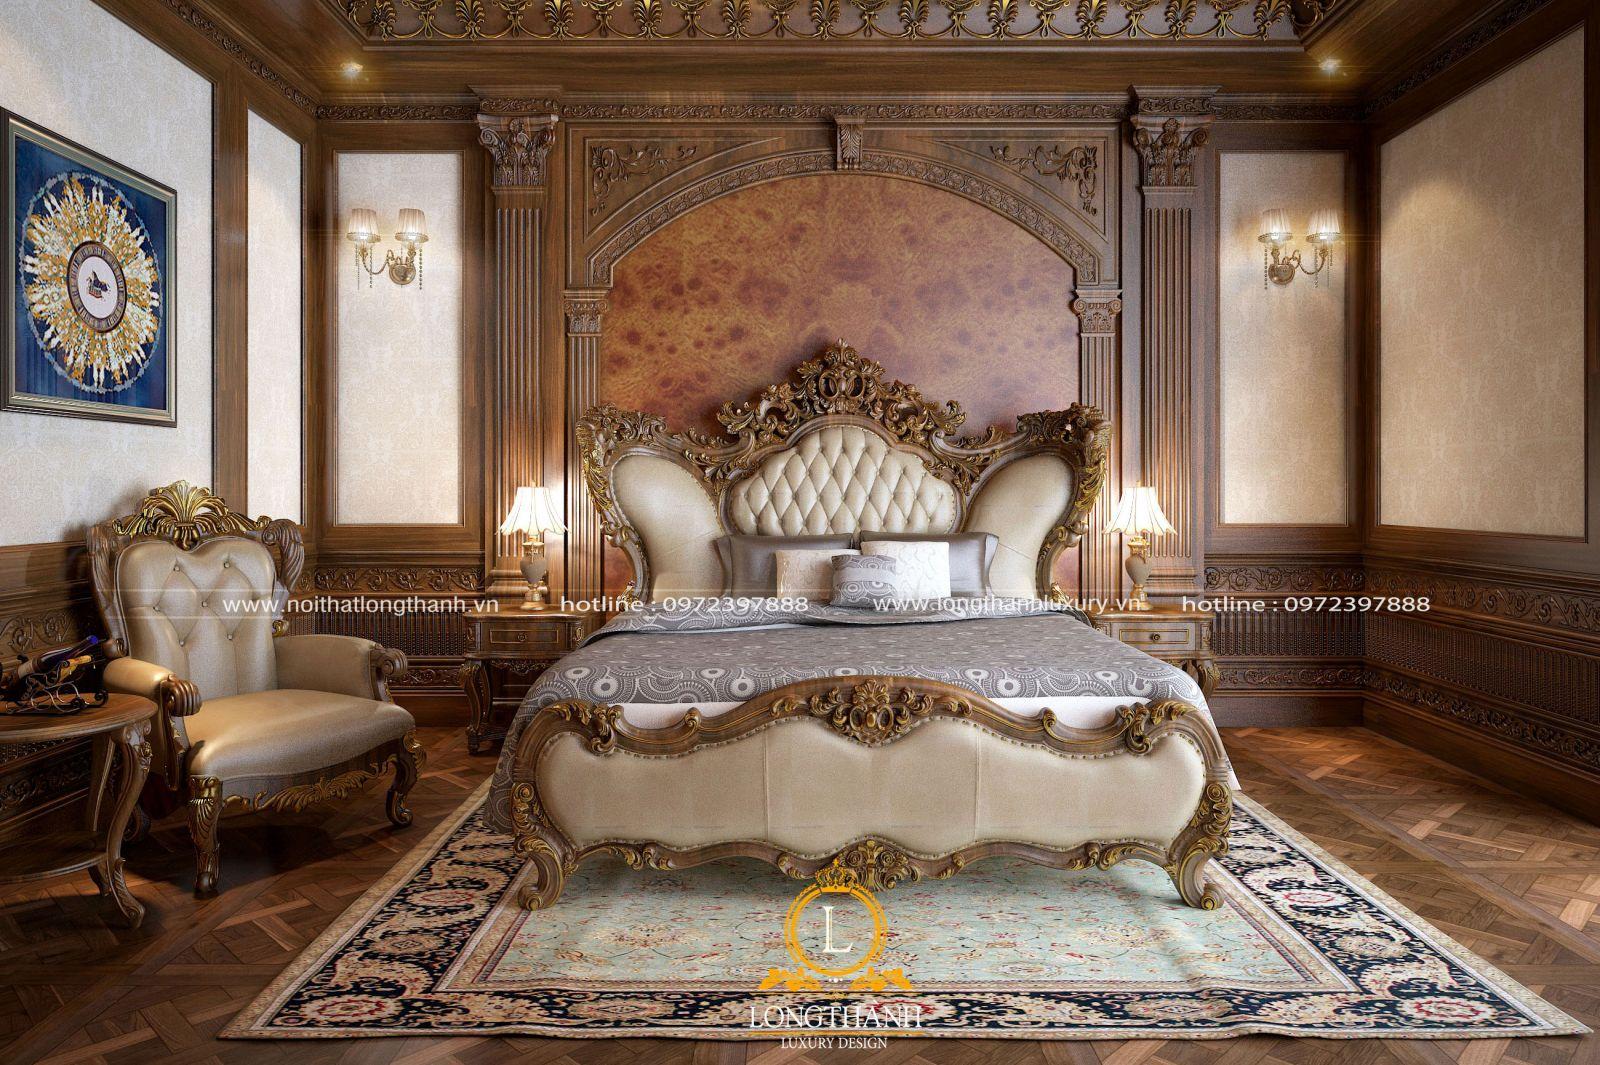 Mẫu thiết kế phòng ngủ cao cấp